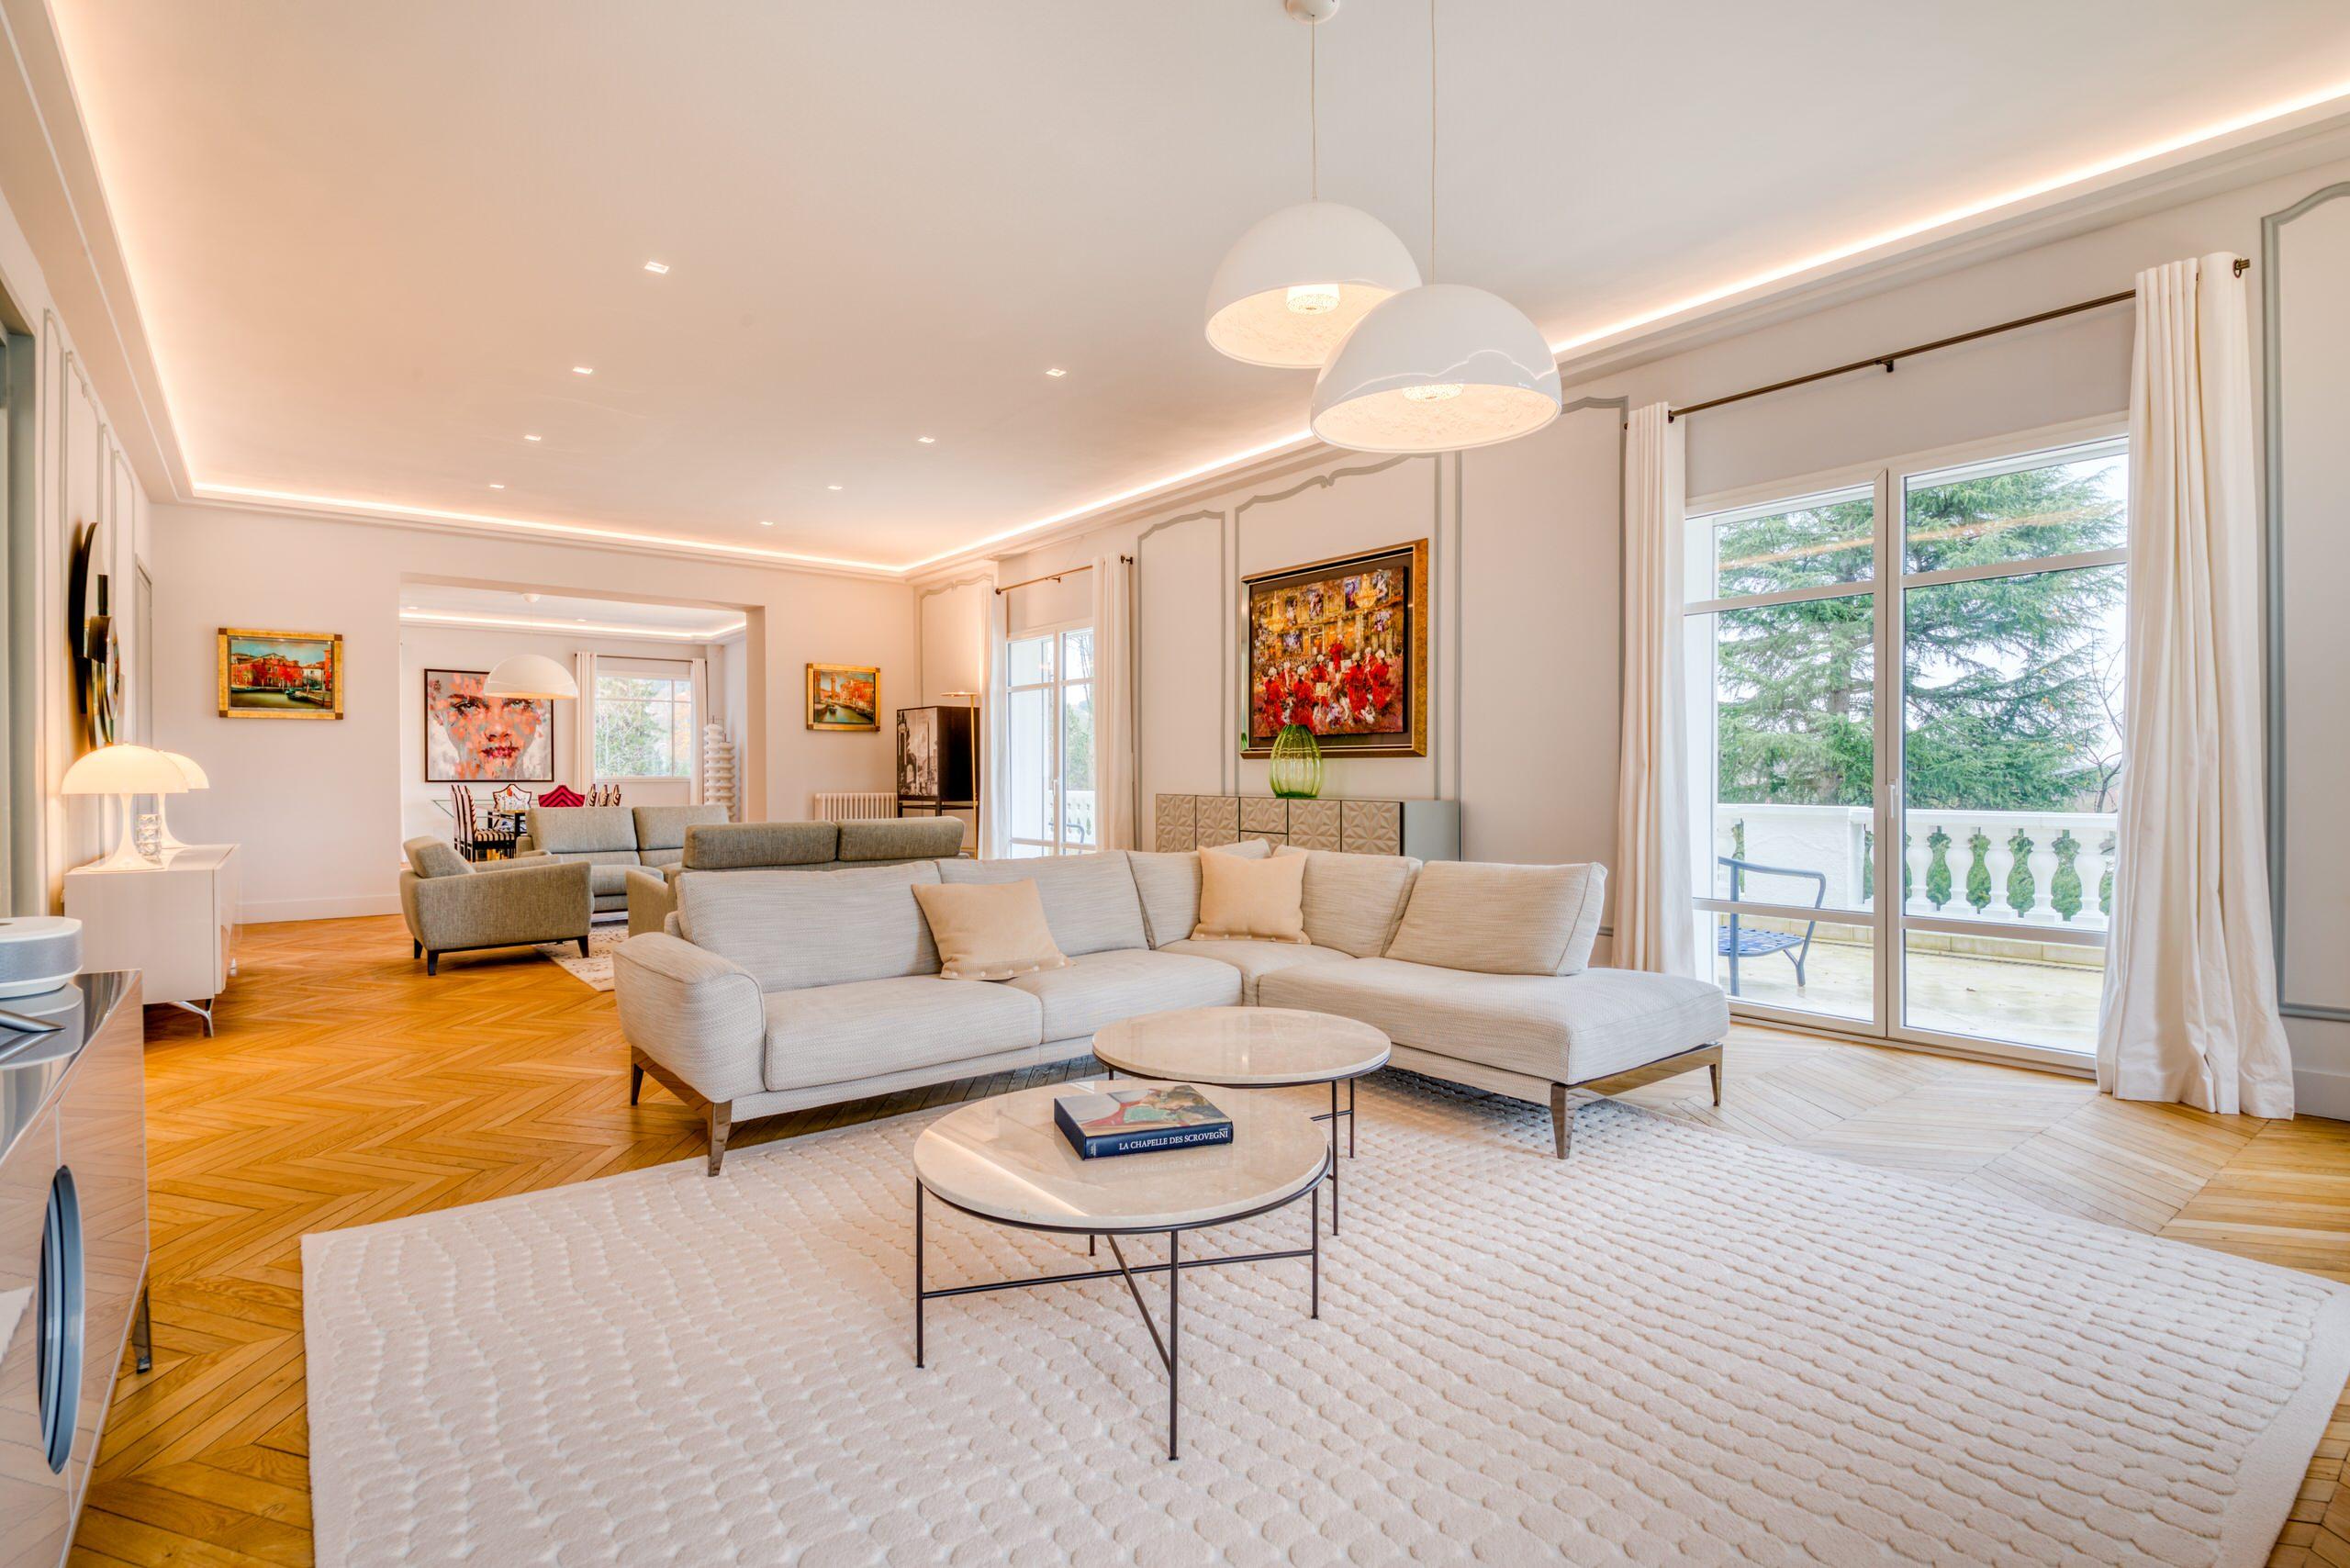 Villa de 650 m2 à Saint-Germain-en-Laye - Le séjour